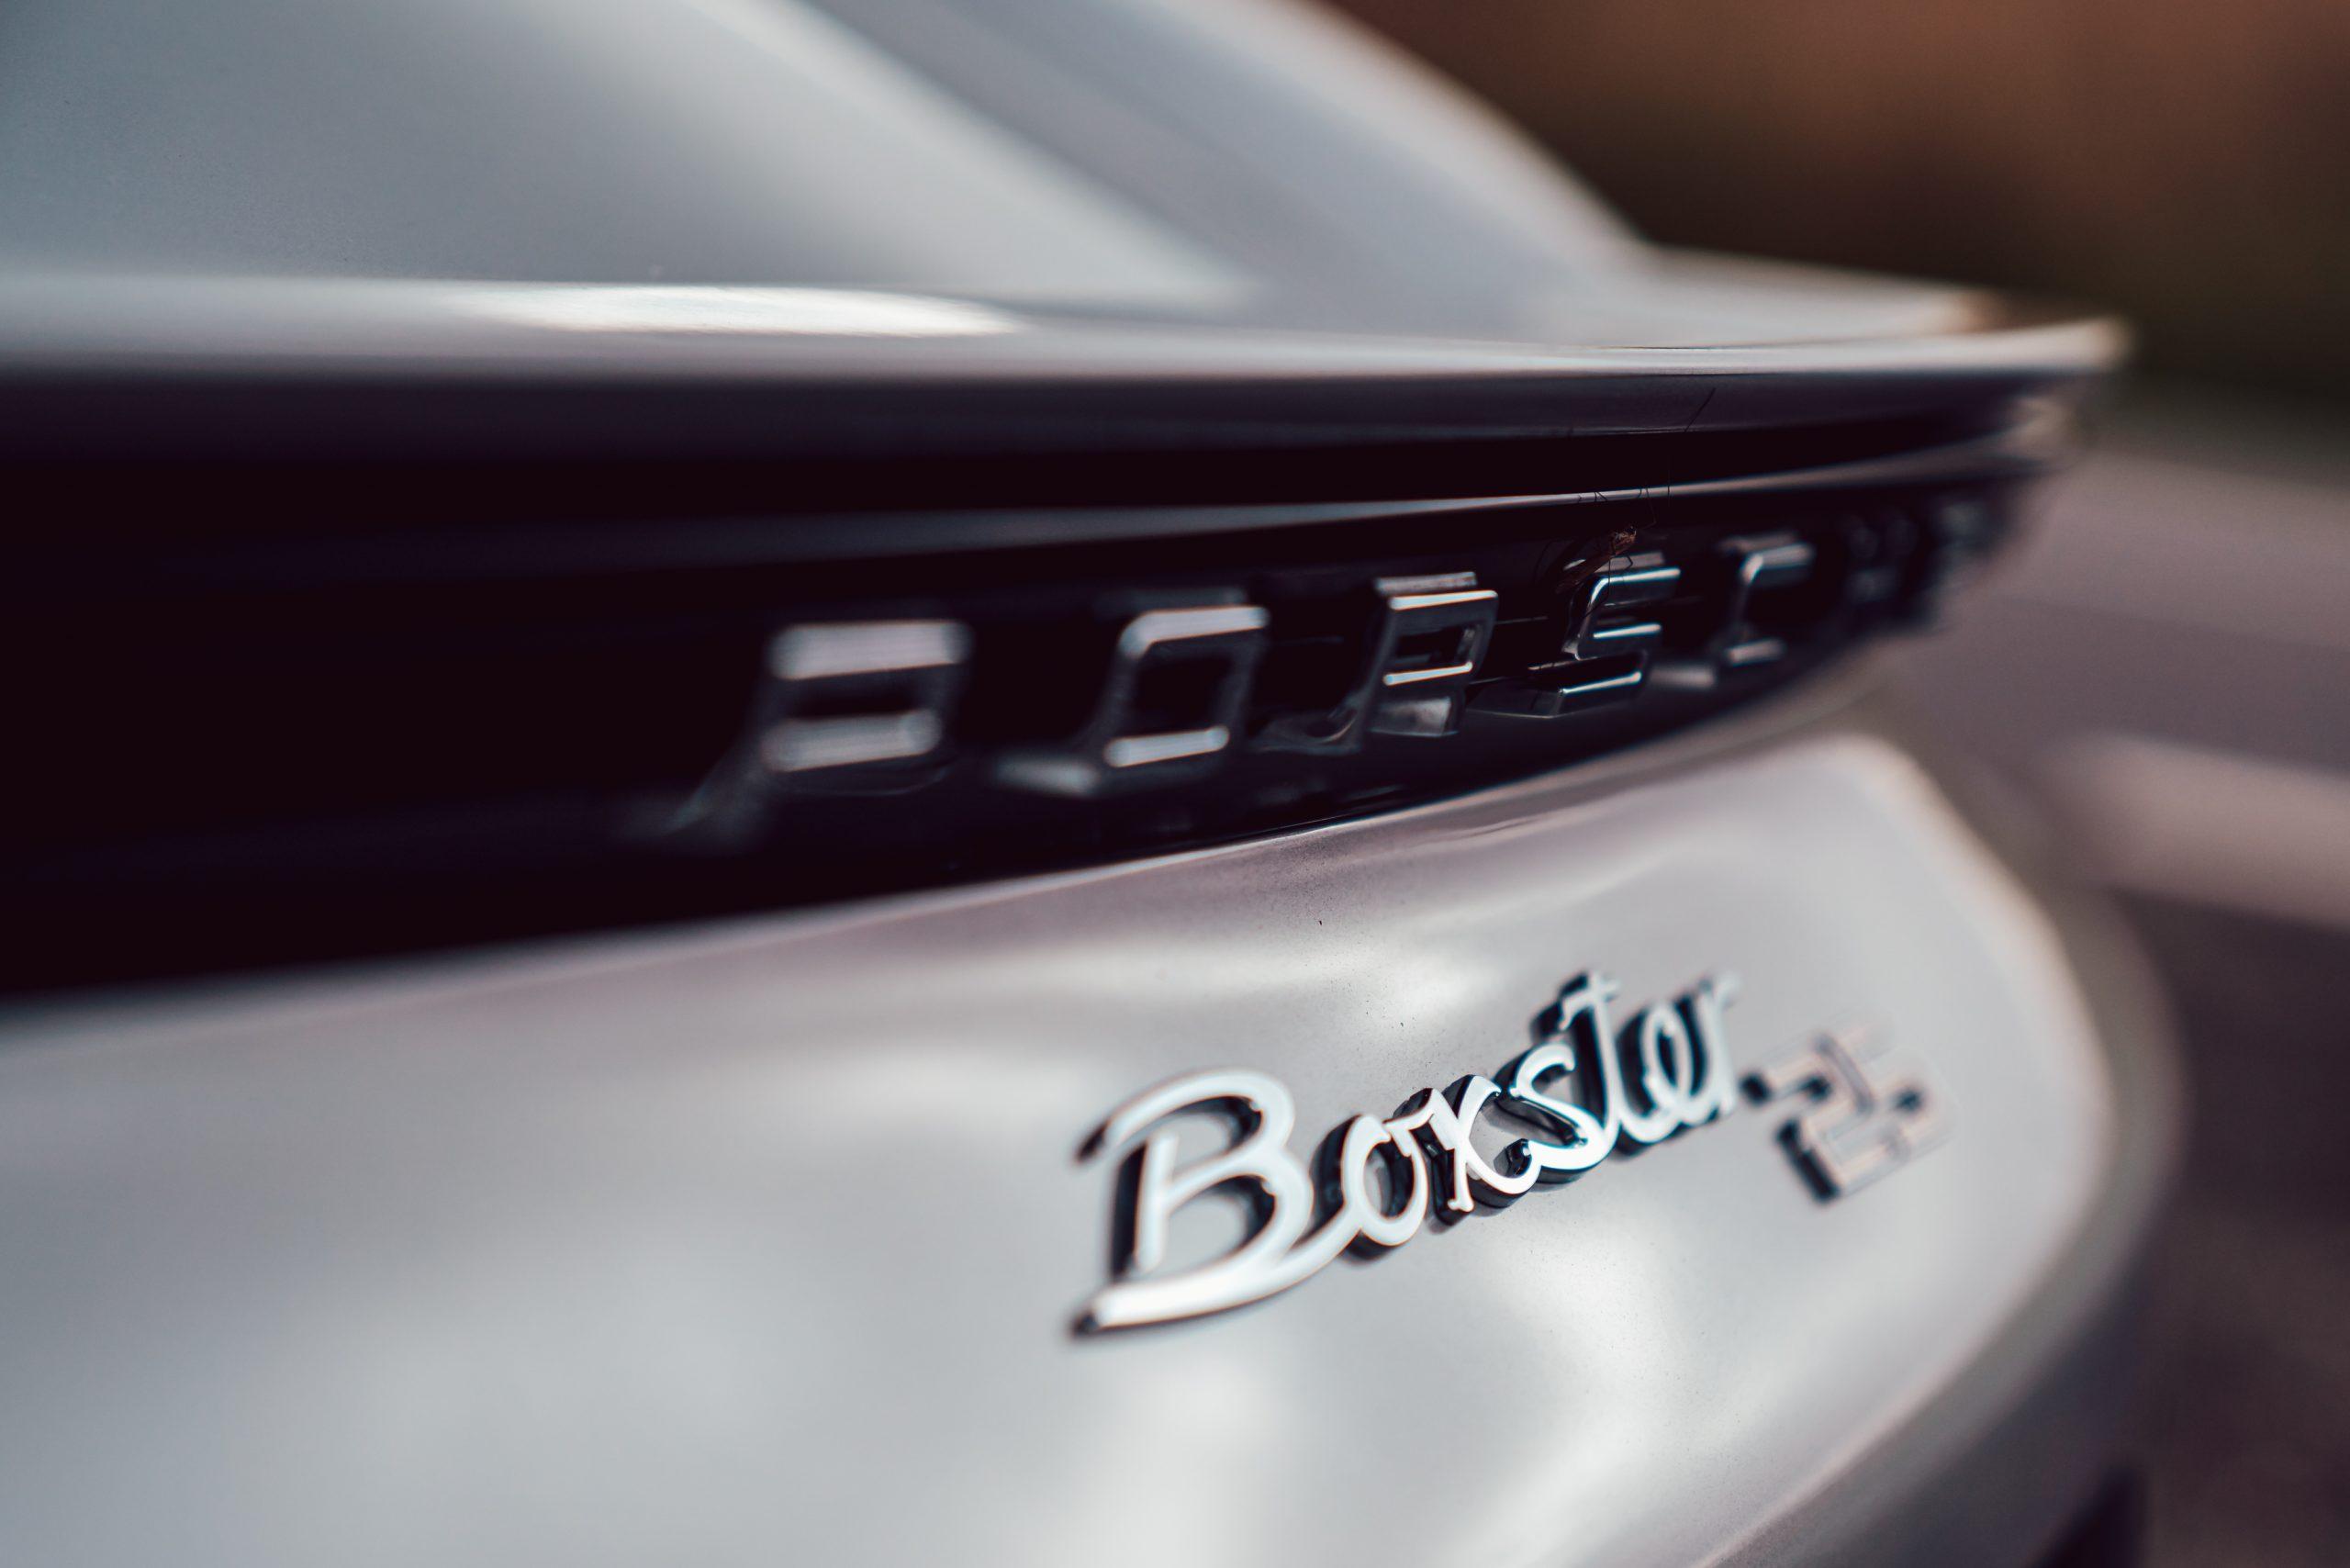 Porsche Boxster 25 badge